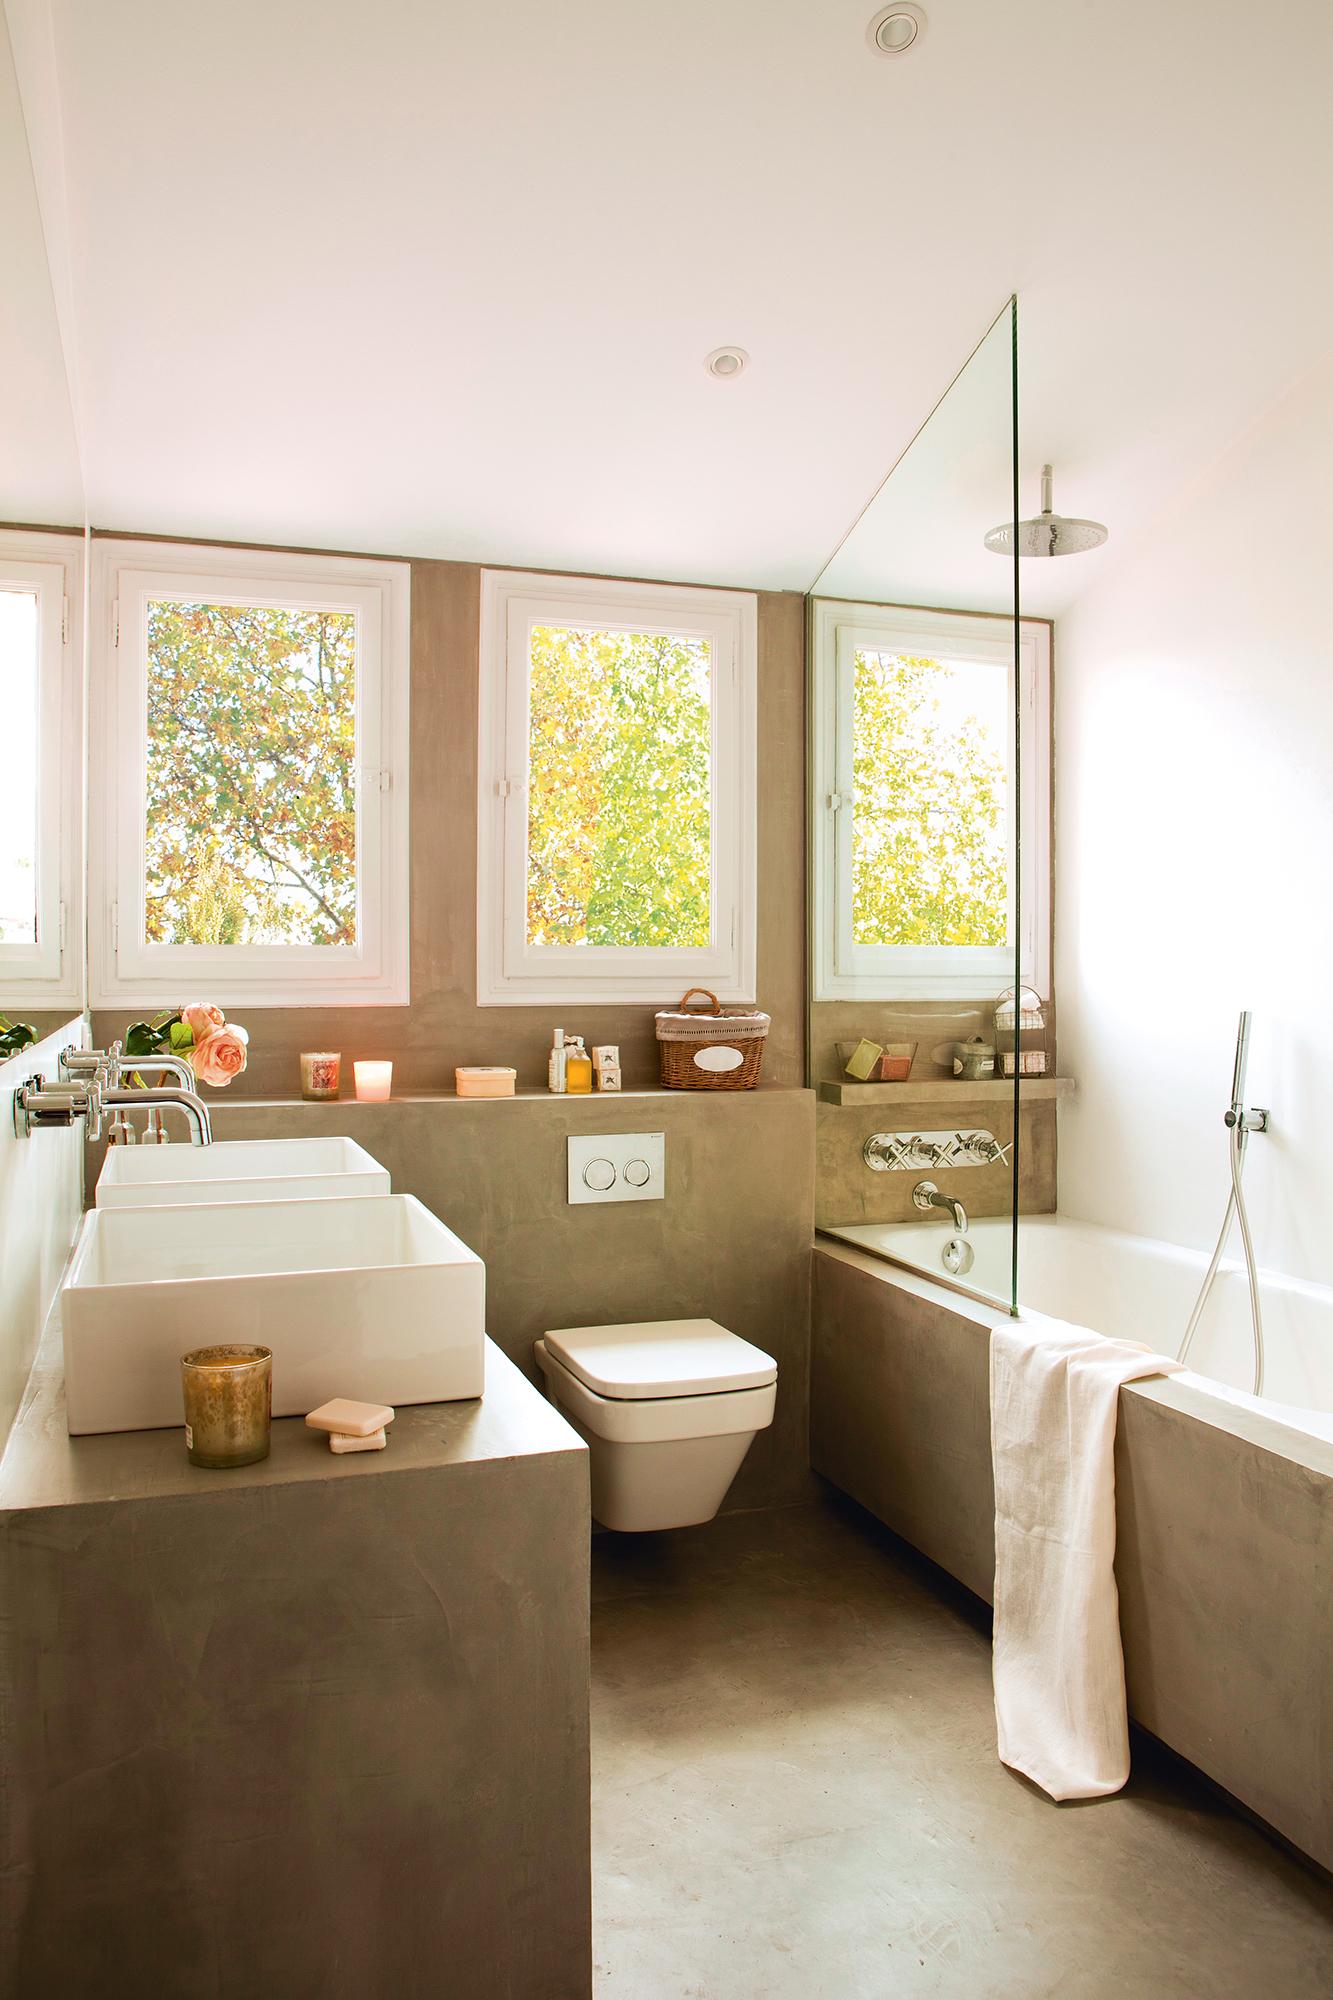 Sanitarios claves para elegir el lavamanos y el inodoro - Pavimentos para banos ...